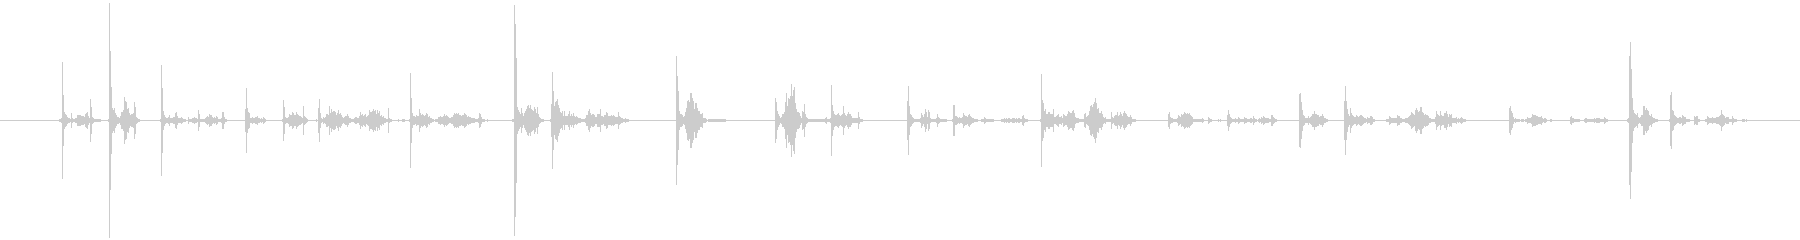 カーカー(ボールペンで書く音)Bの未再生の波形